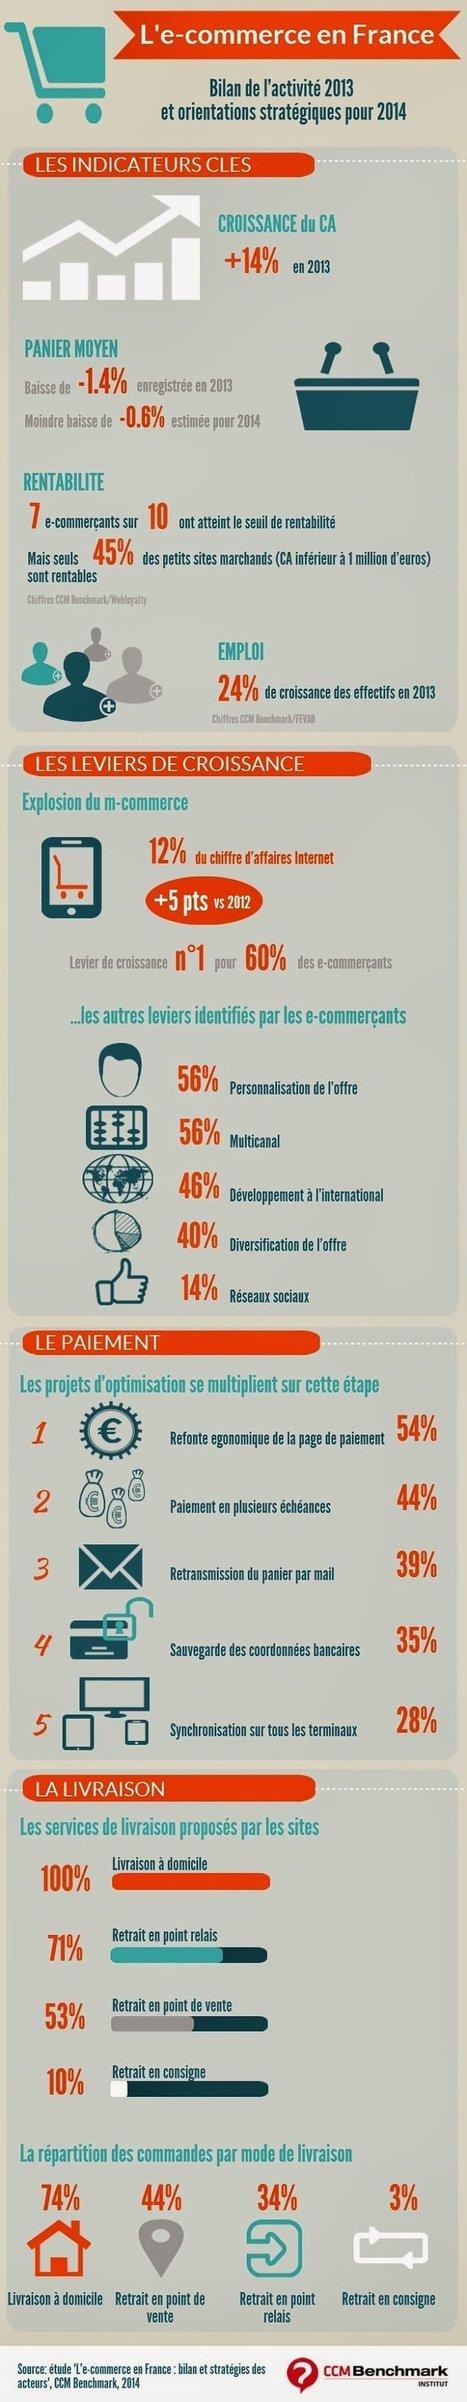 Infographie : l'e-commerce en France | E-marketing Topics | Scoop.it